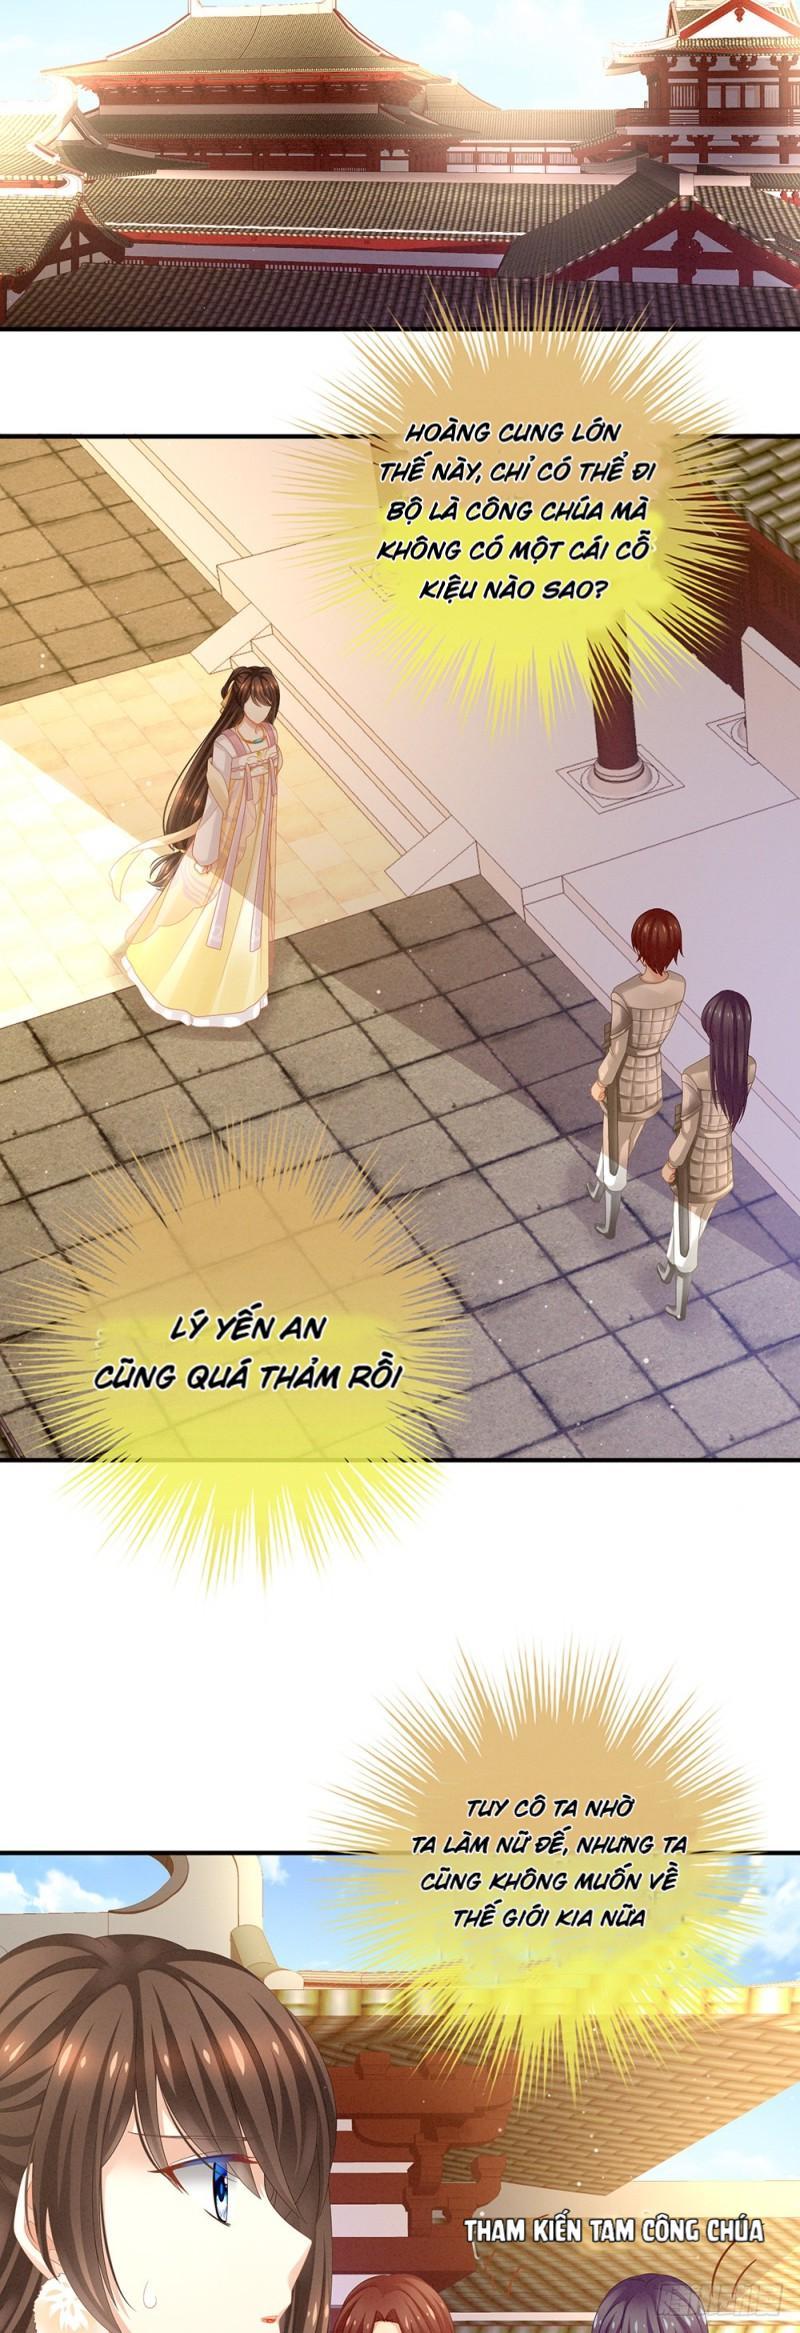 Hậu Cung Của Nữ Đế Chap 7 page 11